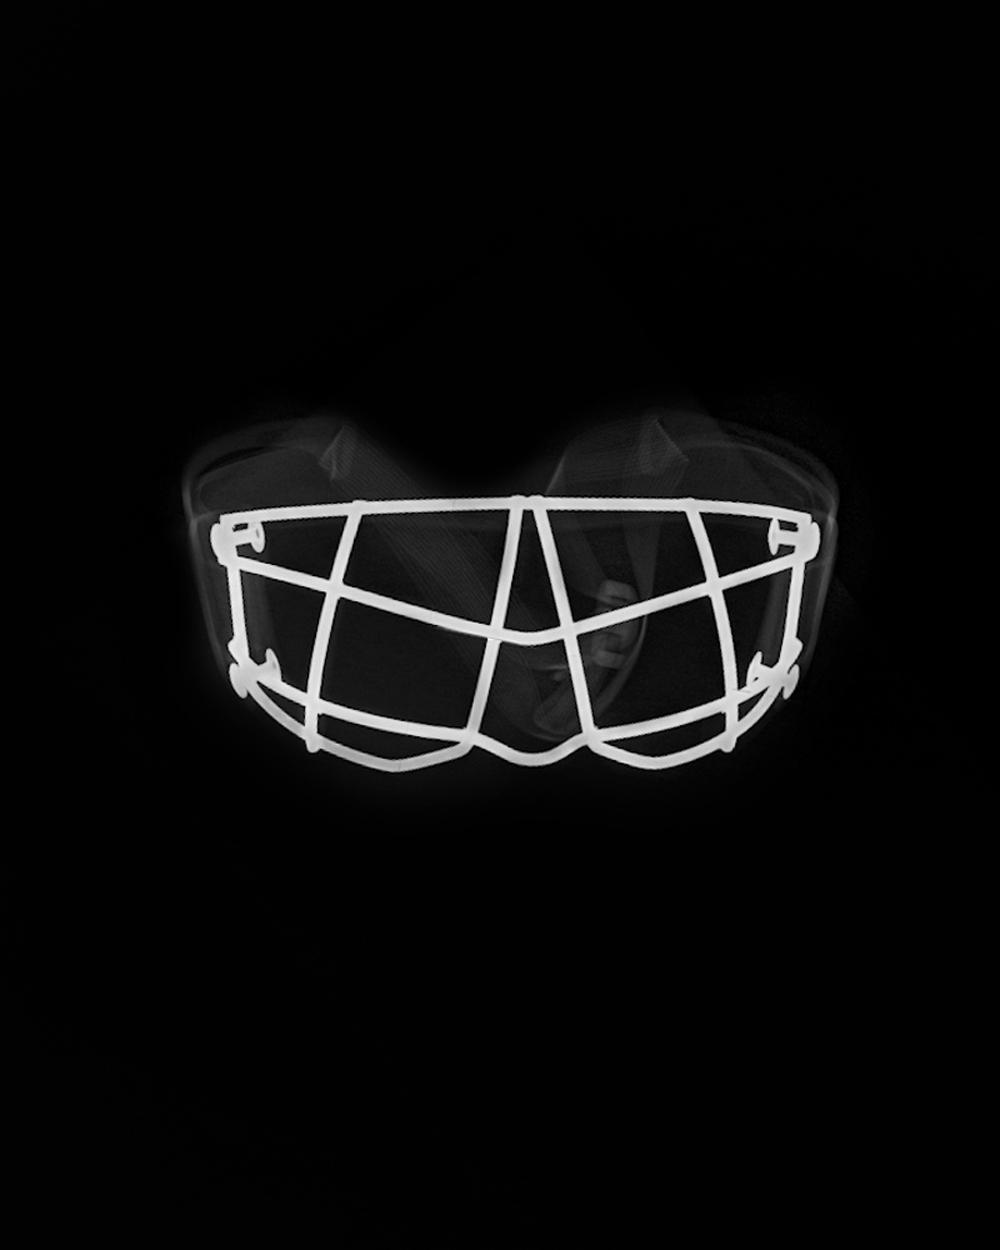 lacrosse_mask_final.jpg